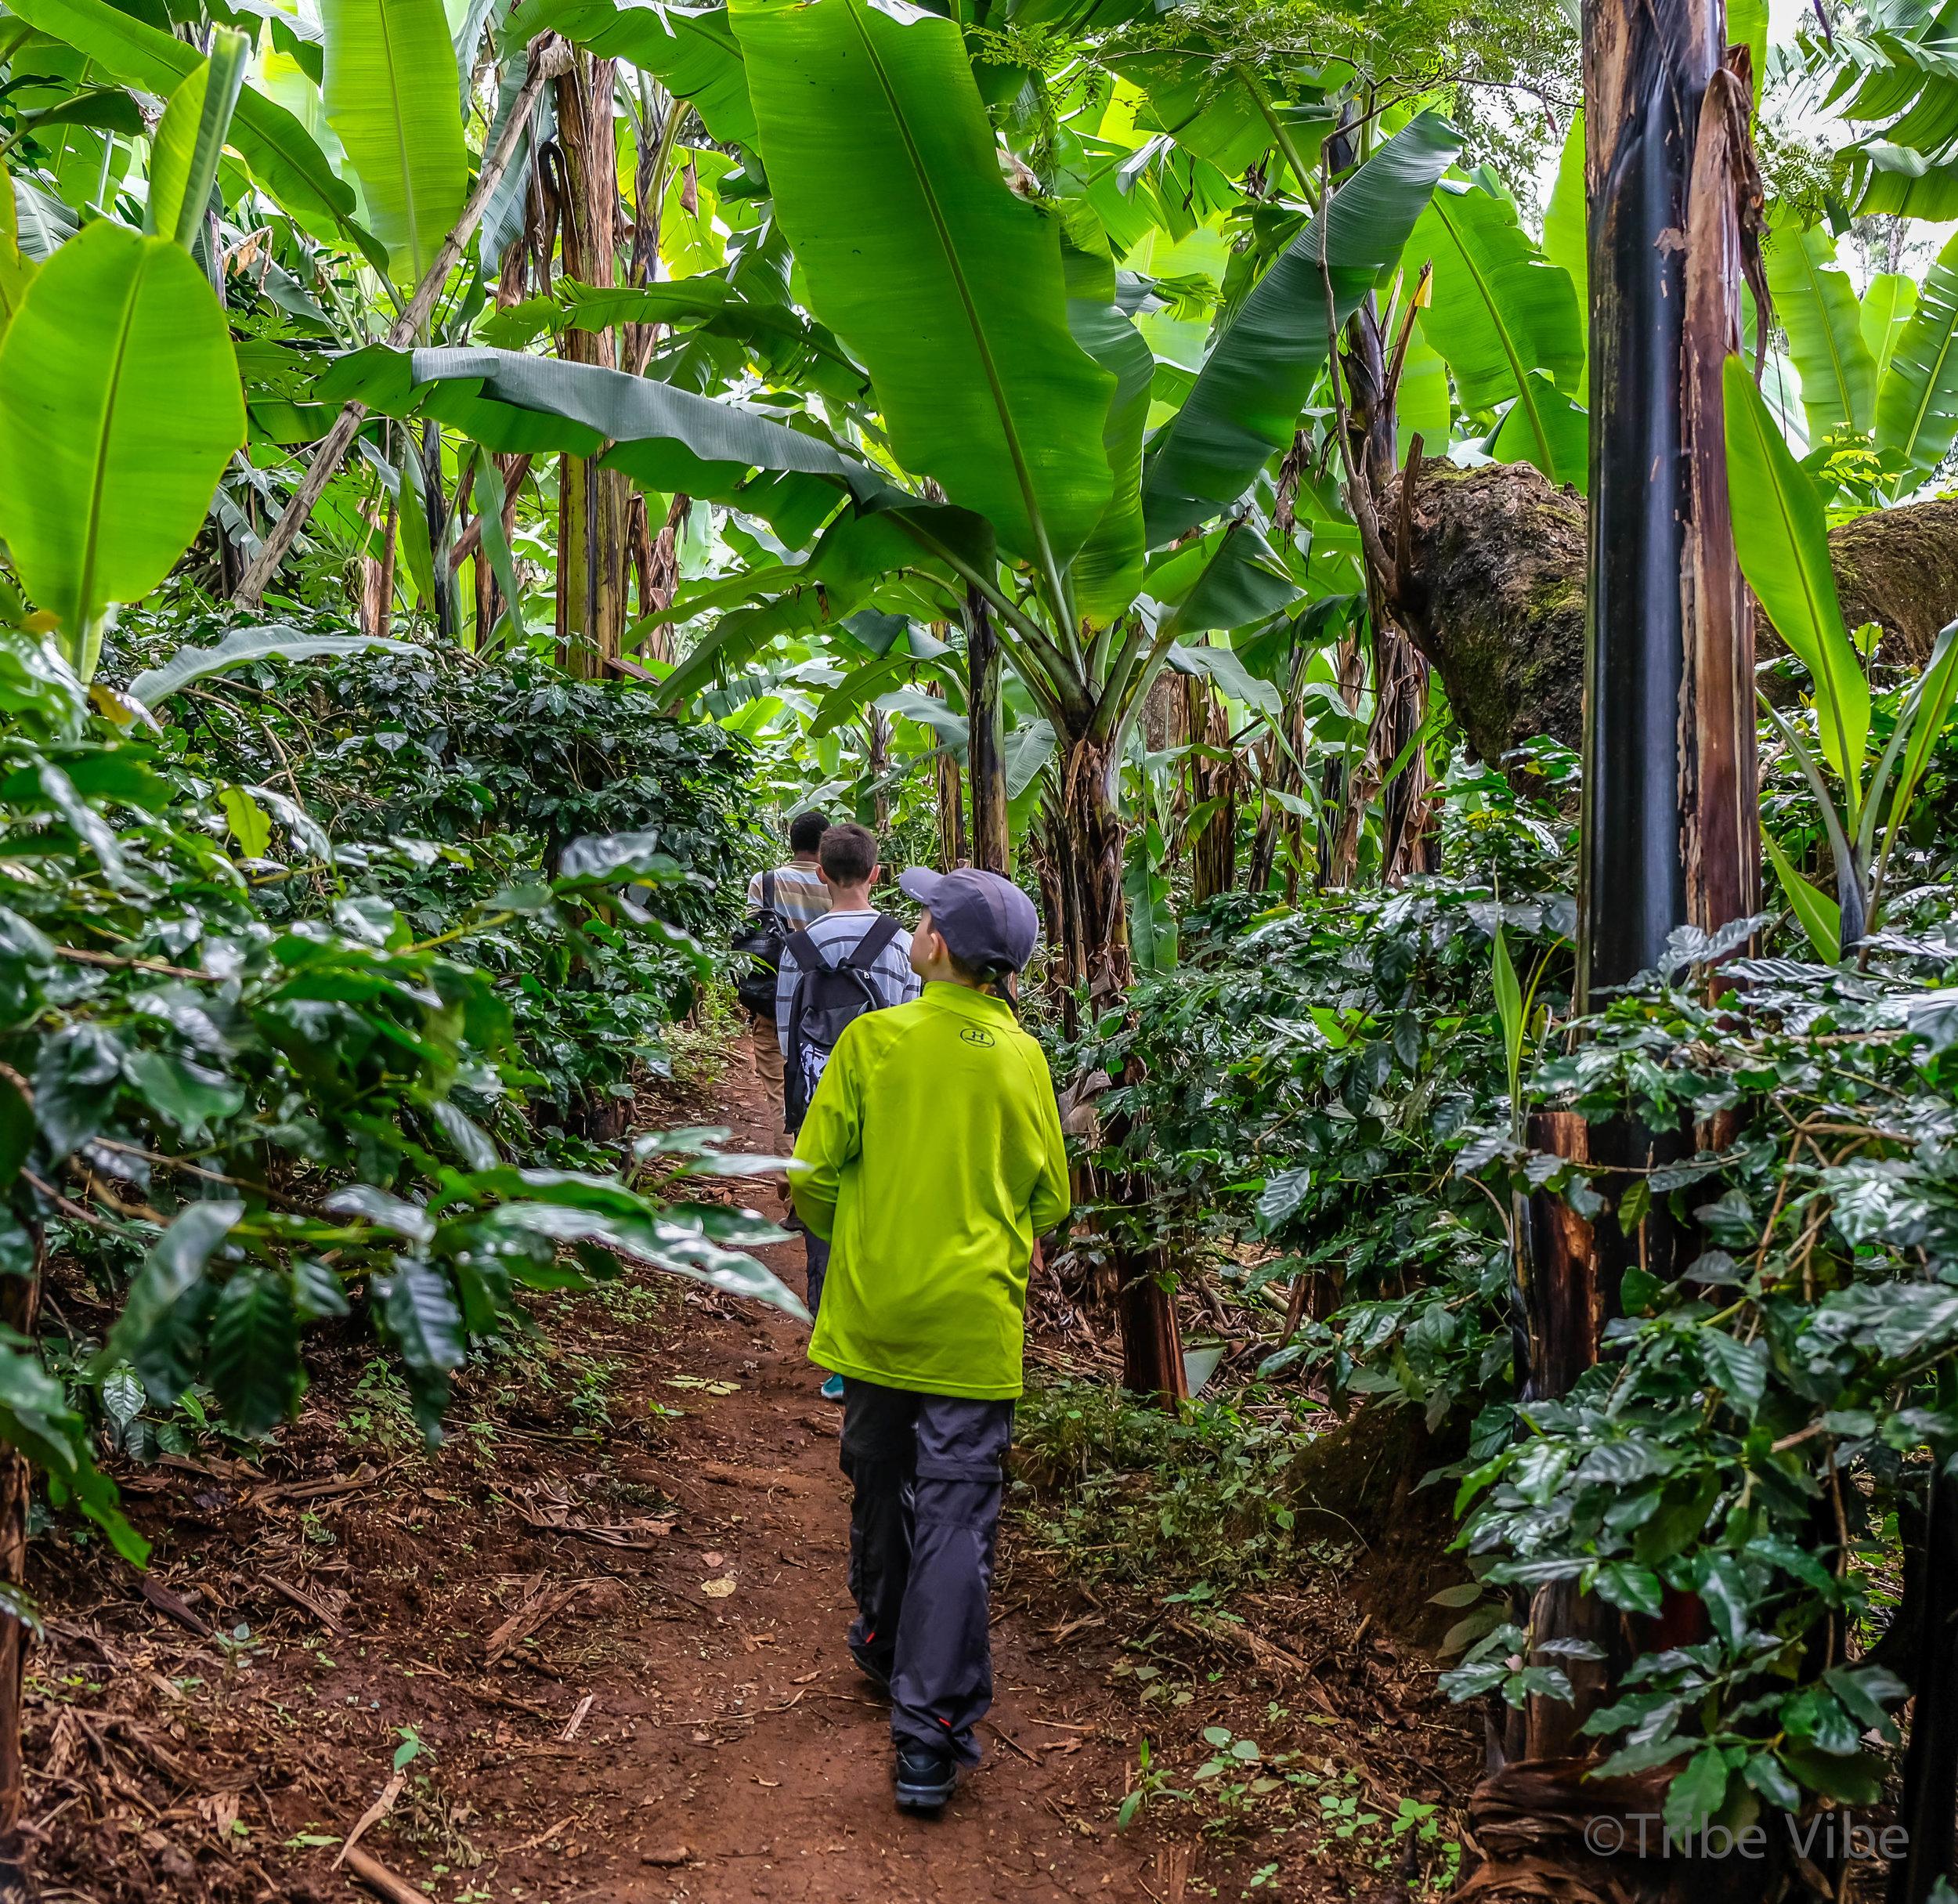 Machame walking trail 8, Kilimanjaro.jpg